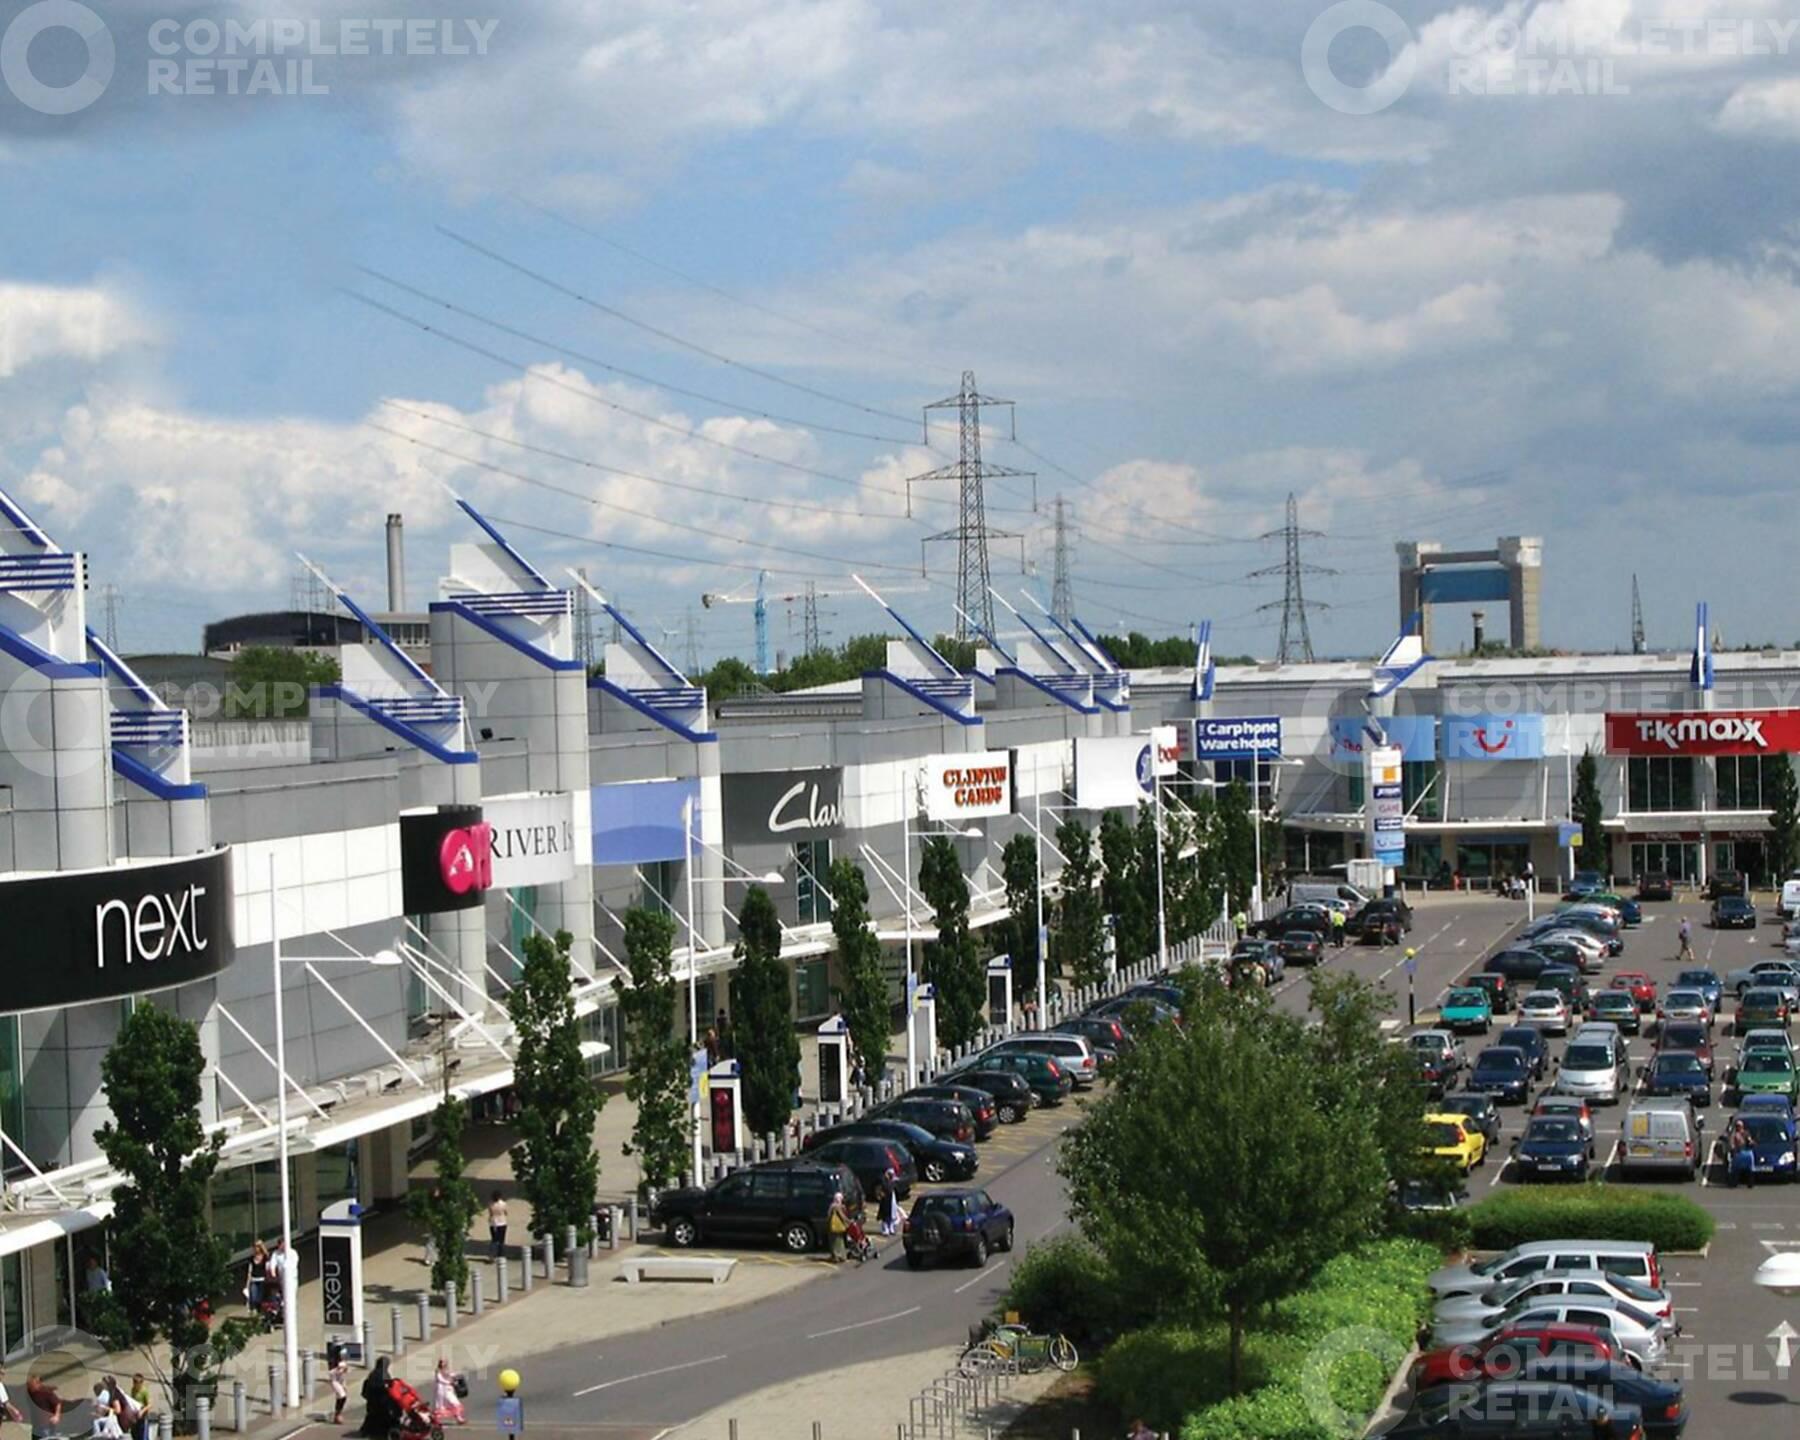 Gallions Reach Shopping Park